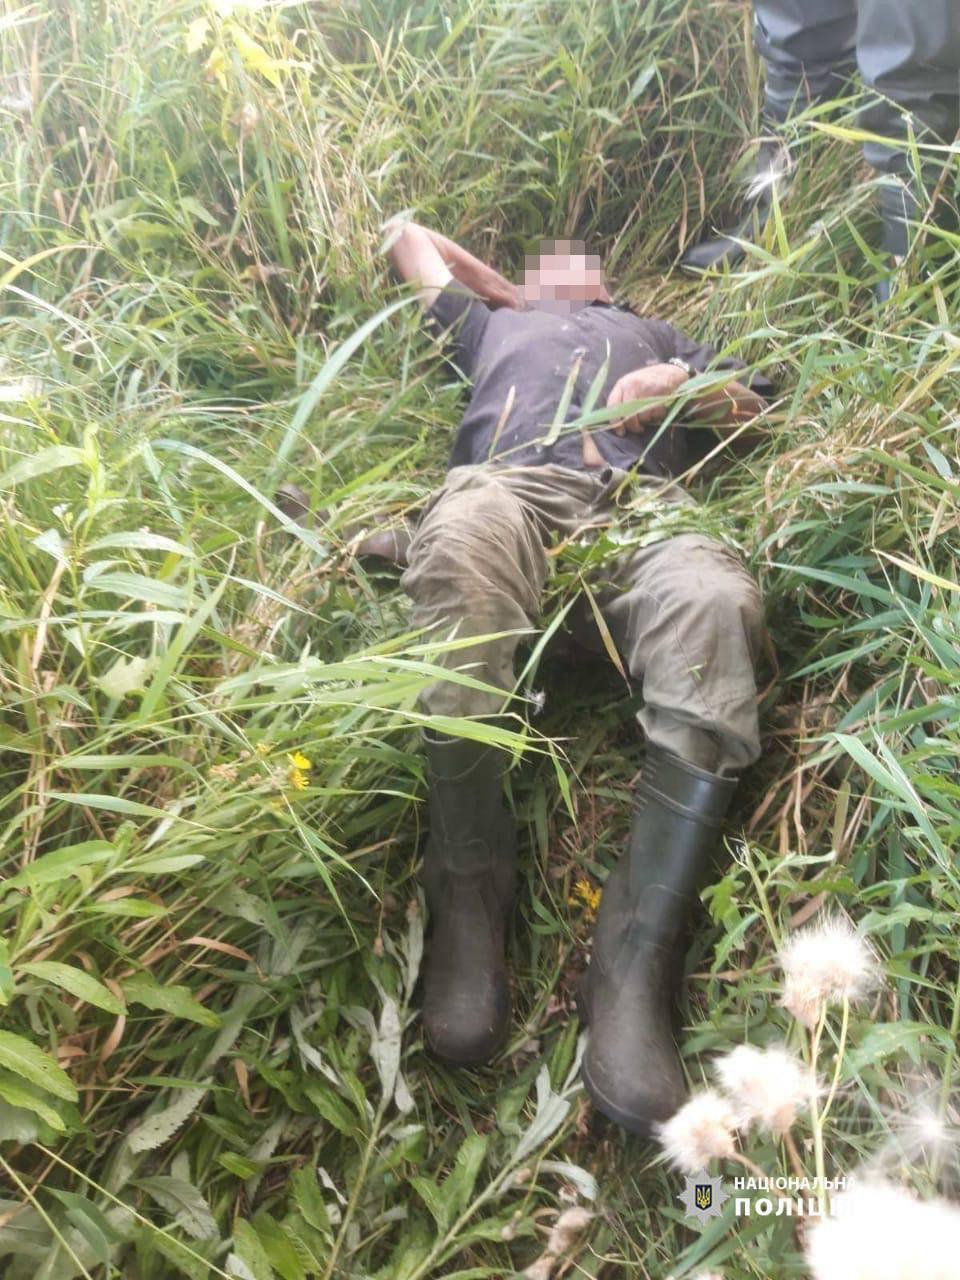 Черкаські поліцейські добу шукали пенсіонера, який зник на полюванні